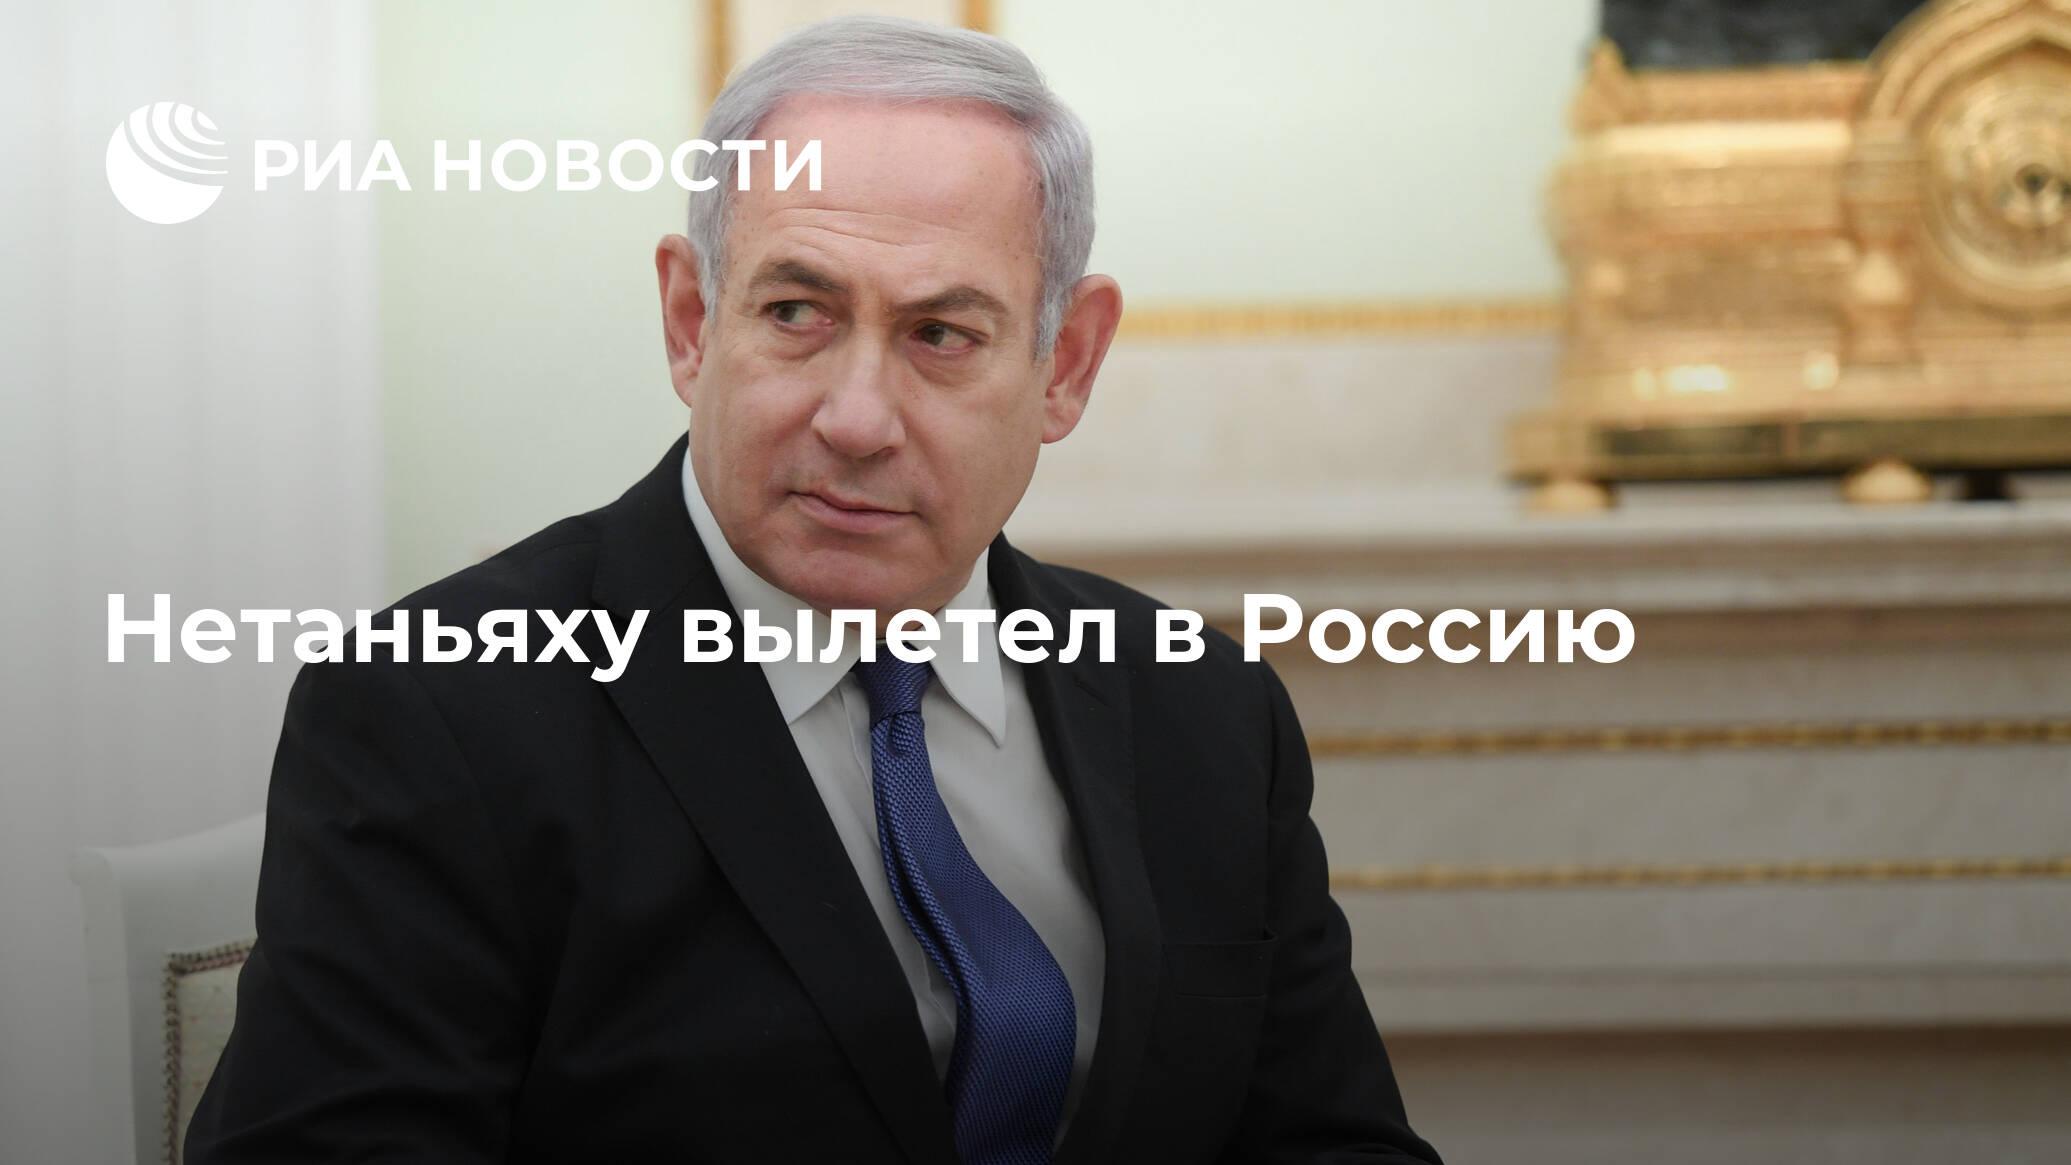 Нетаньяху вылетел вРоссию